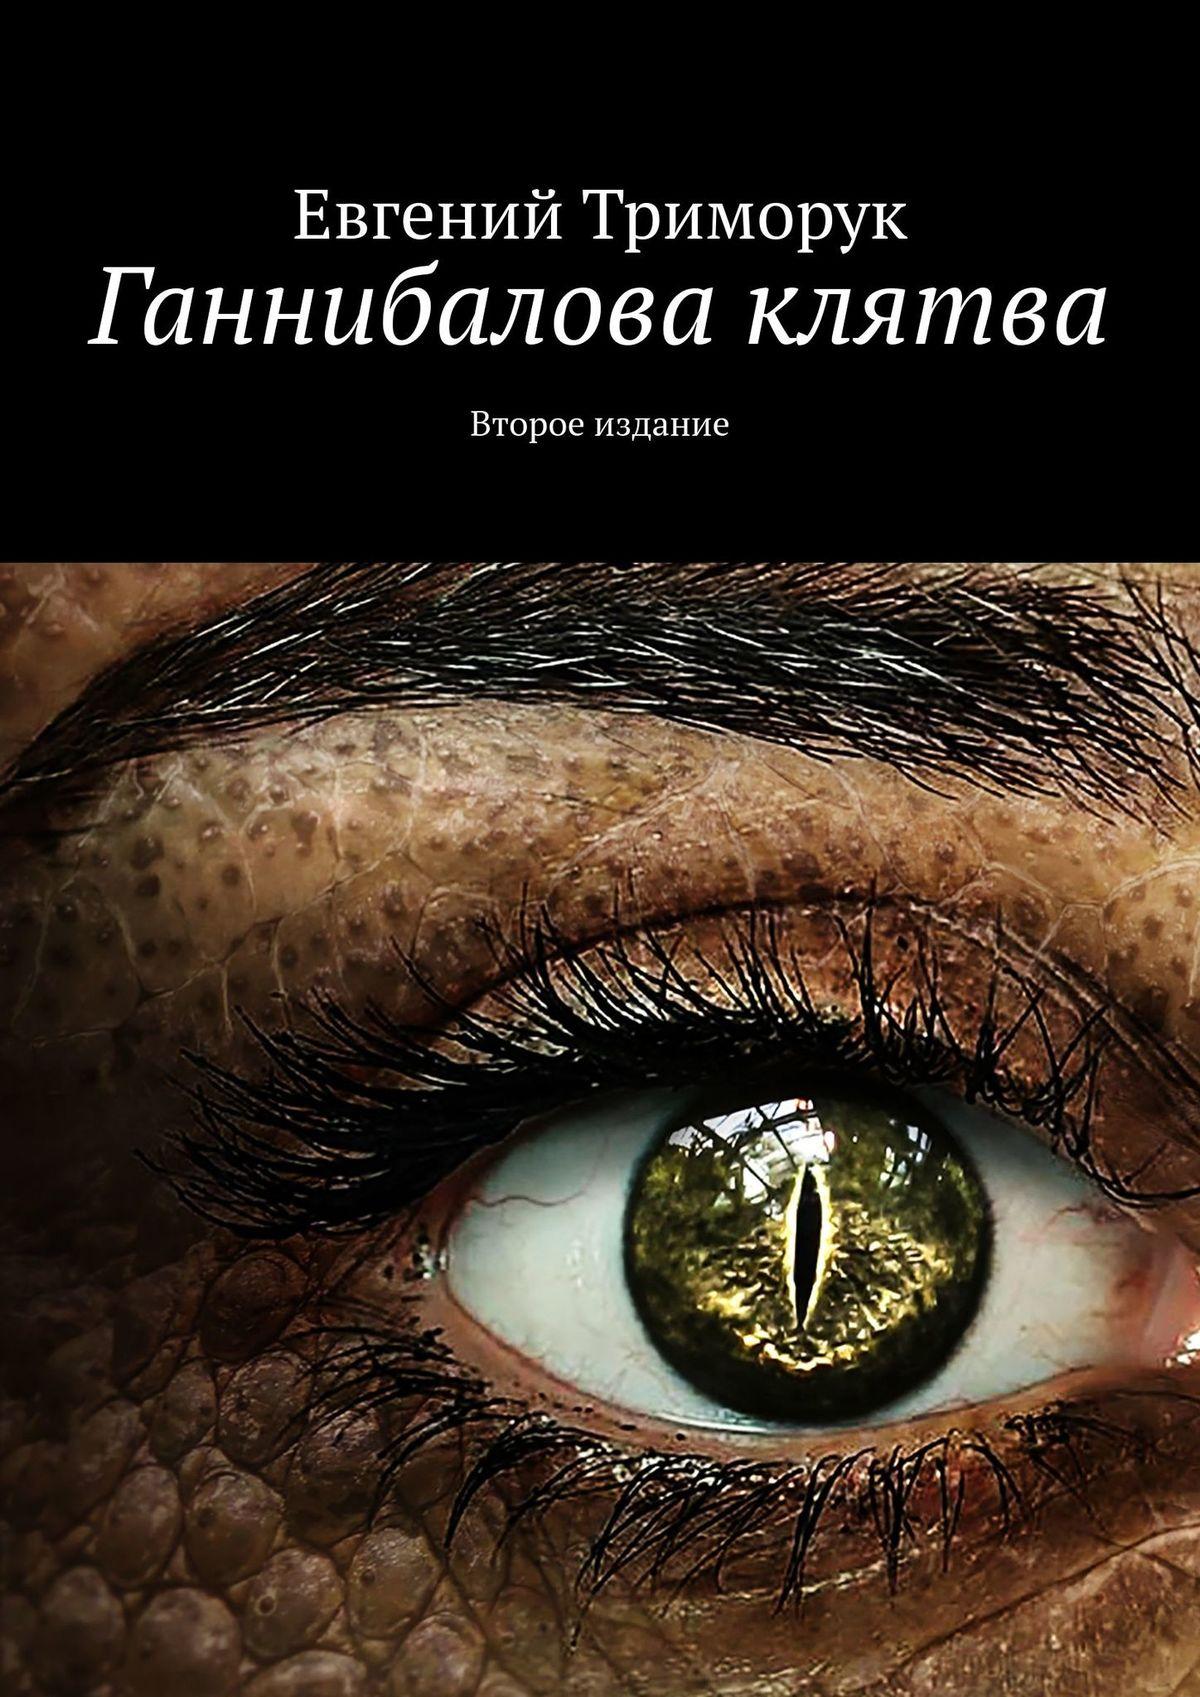 Евгений Триморук Ганнибалова клятва. Рассказ колычев в клятва или перебиты поломаны крылья isbn 9785699480234